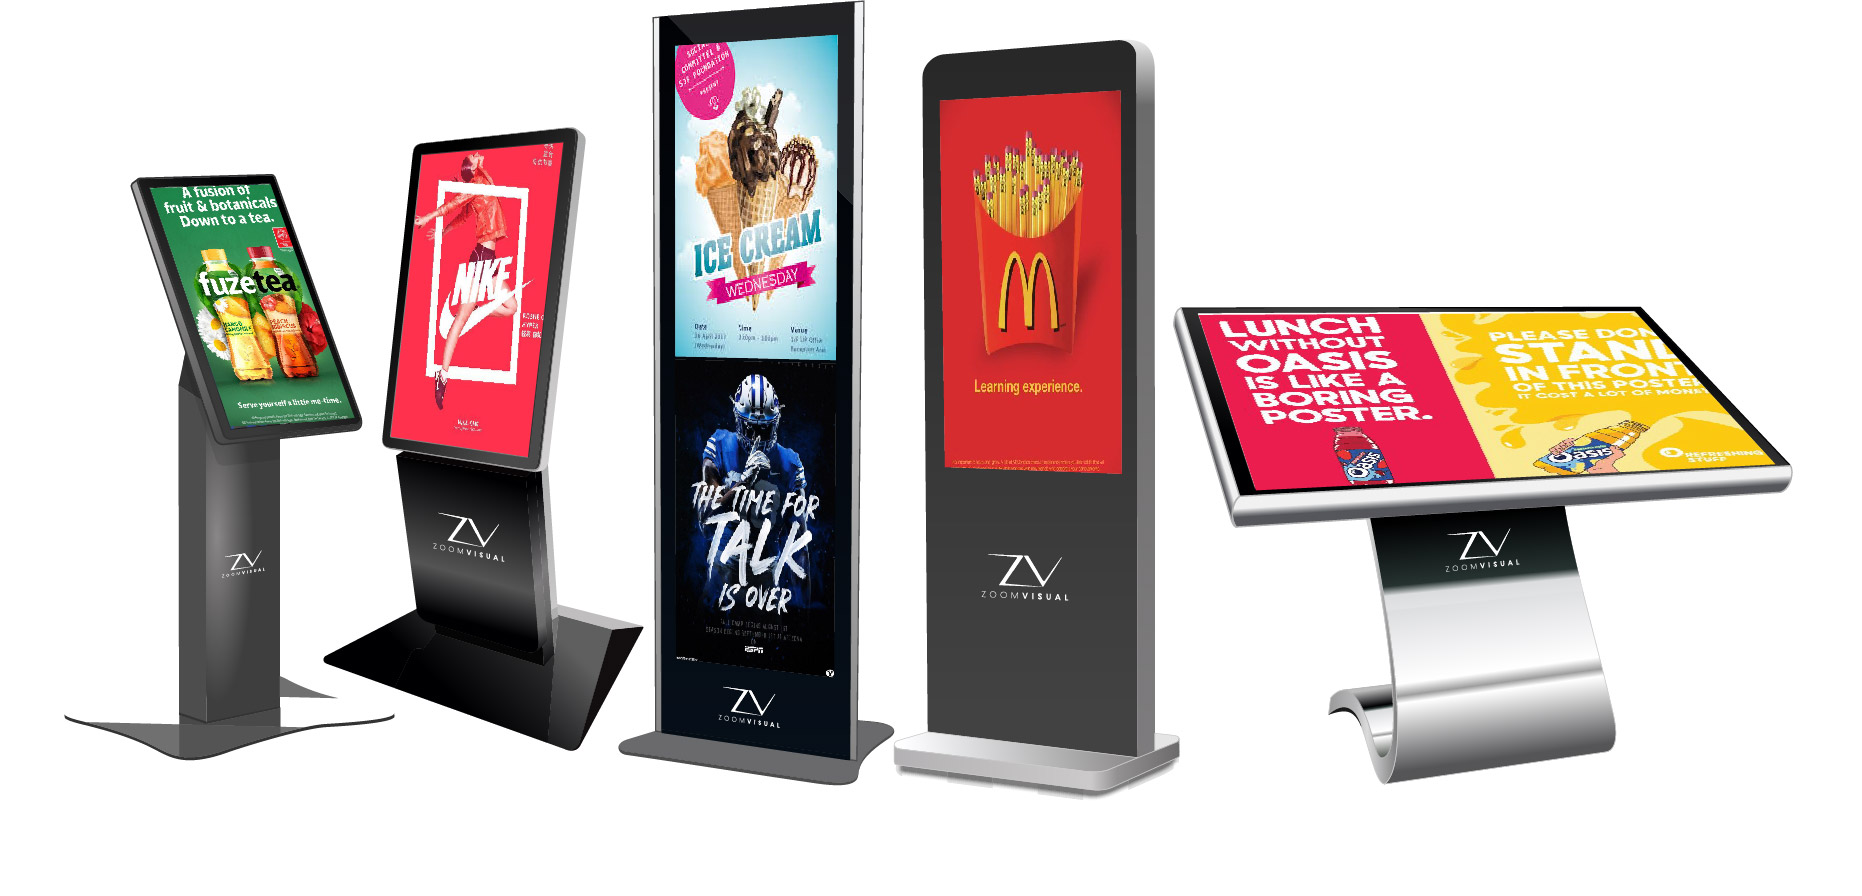 Standing Mobile Kiosk